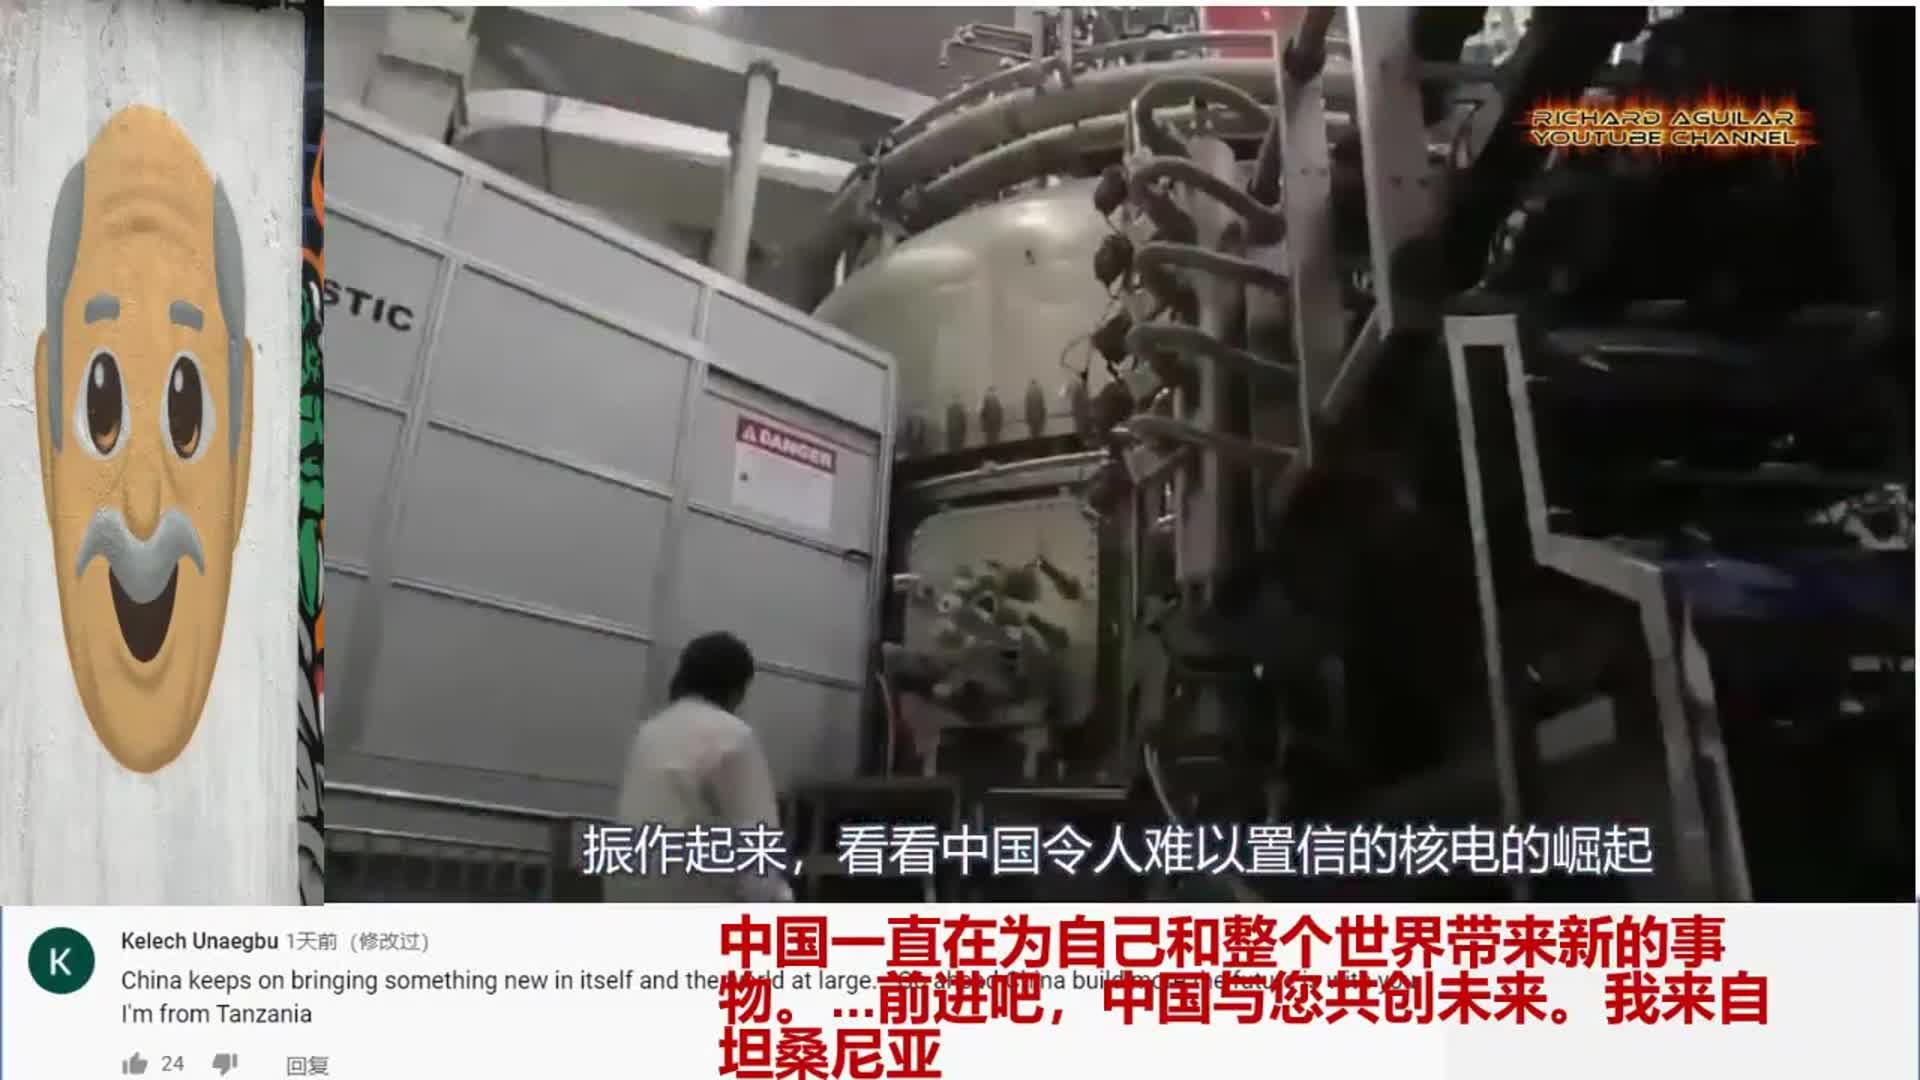 老外看中国:中国核电创新惊艳世界,老外:中国的进步无可阻挡